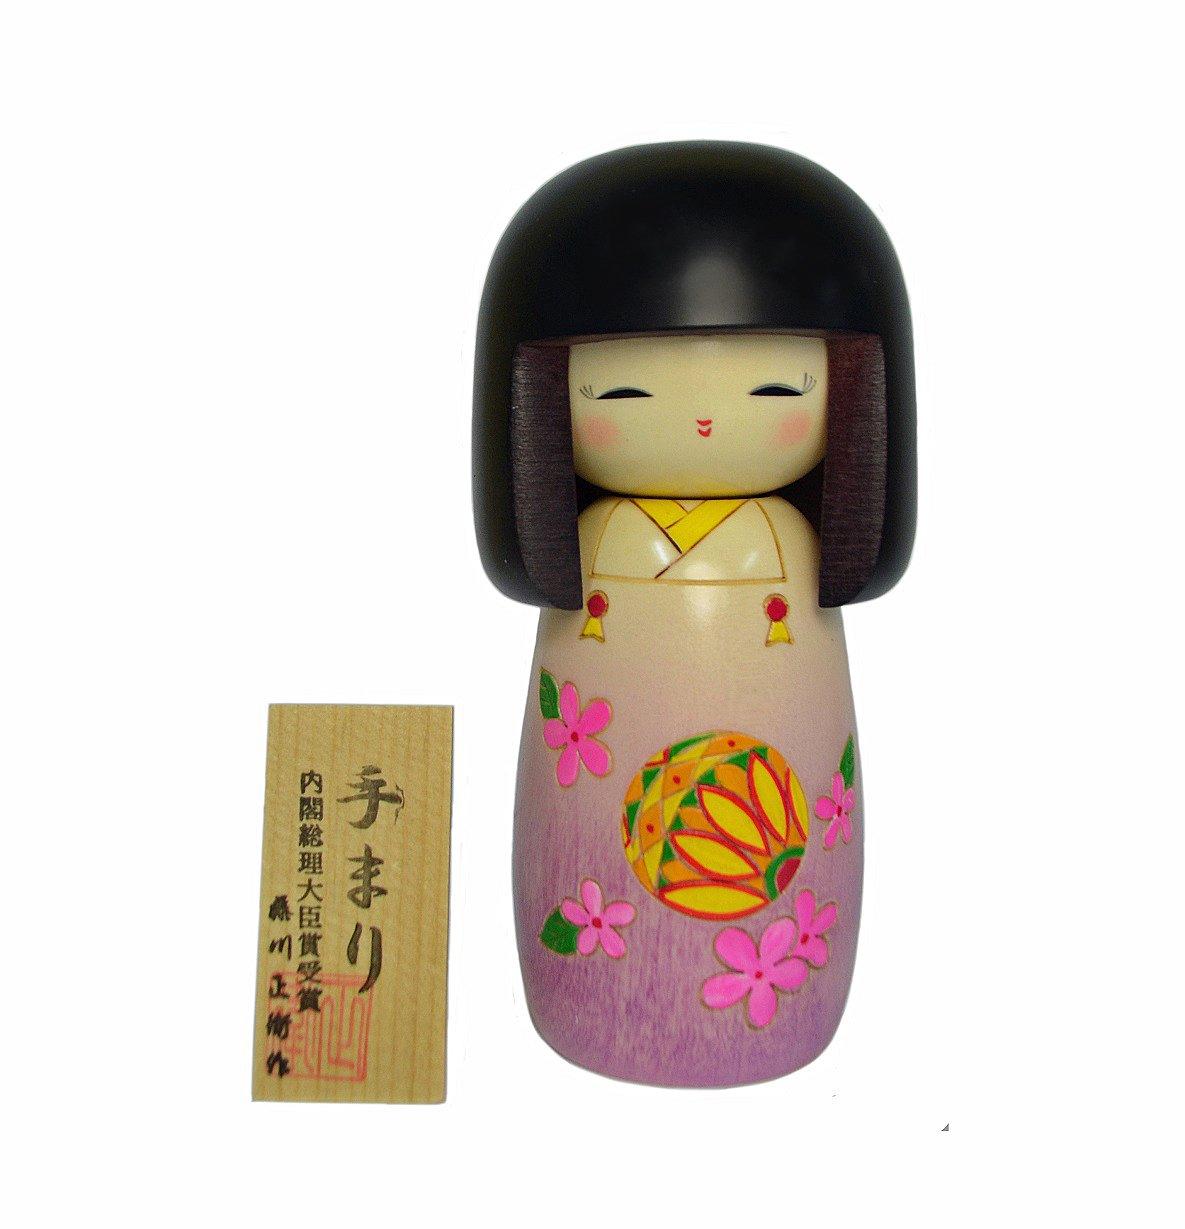 Sosaku Kokeshi Doll Temari Design Kimono Girl 2013-17 Made in Japan